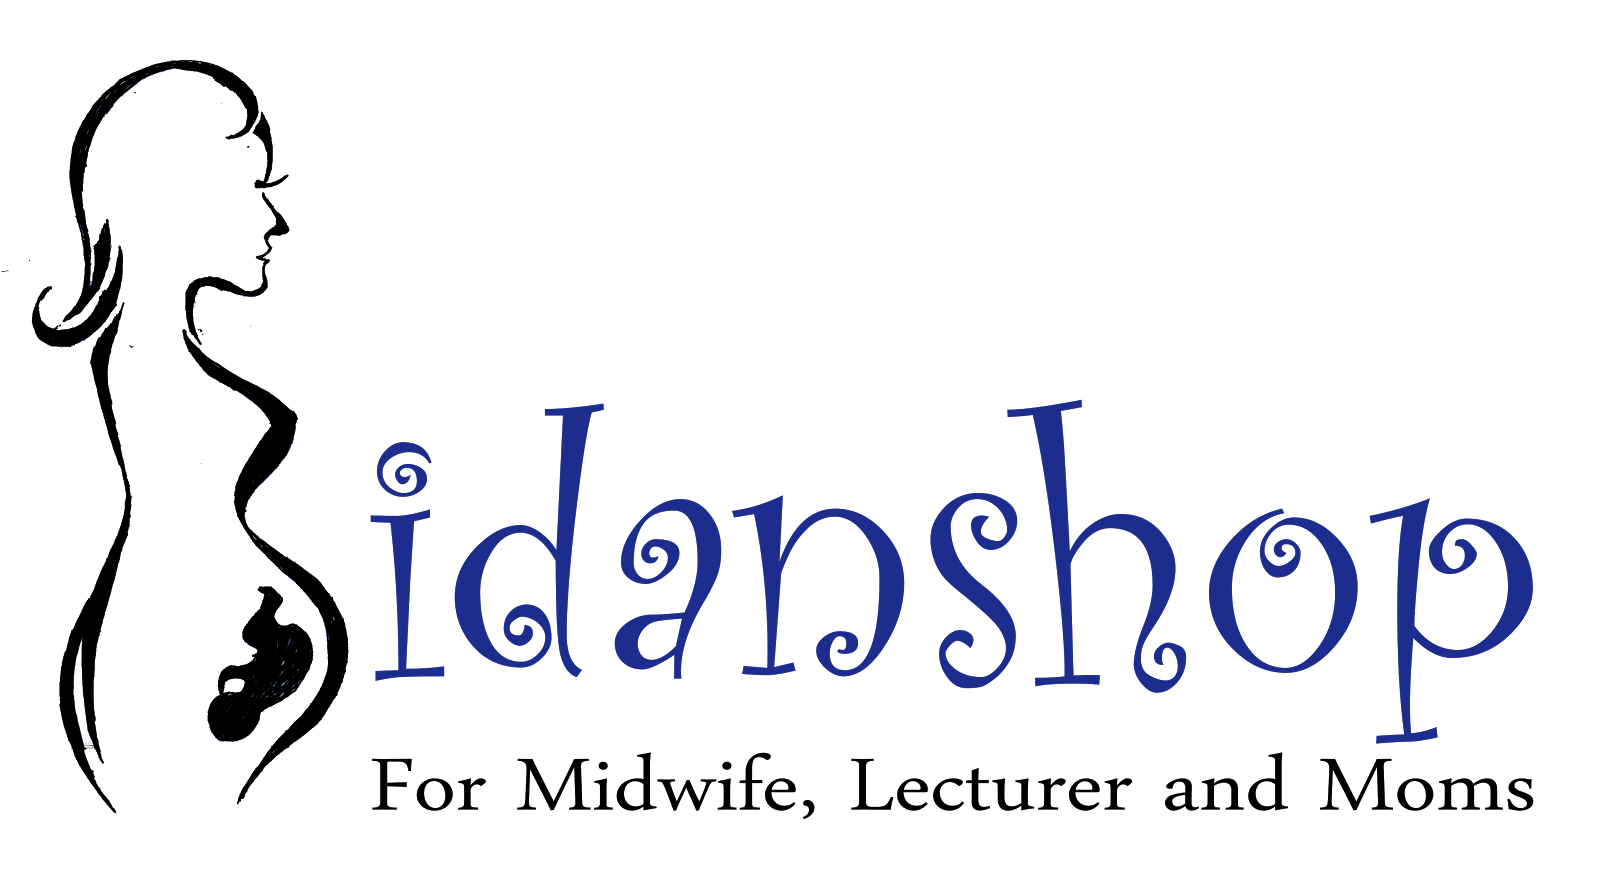 Bidanshop